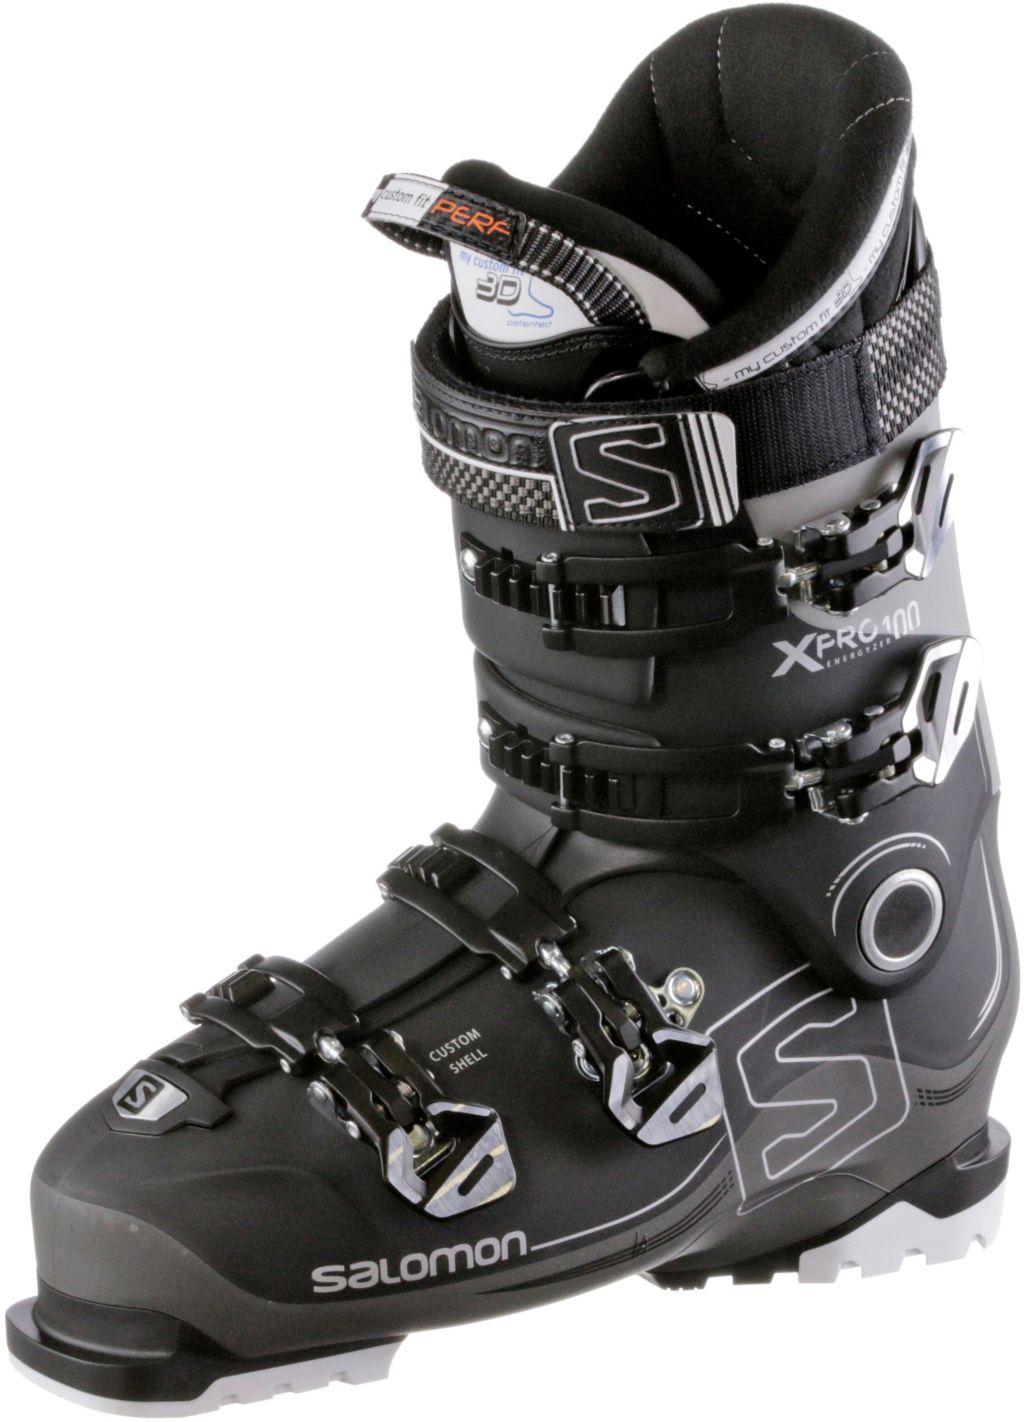 X Pro 100 Skischuhe Herren mehrfarbig, Größe 28 1/2